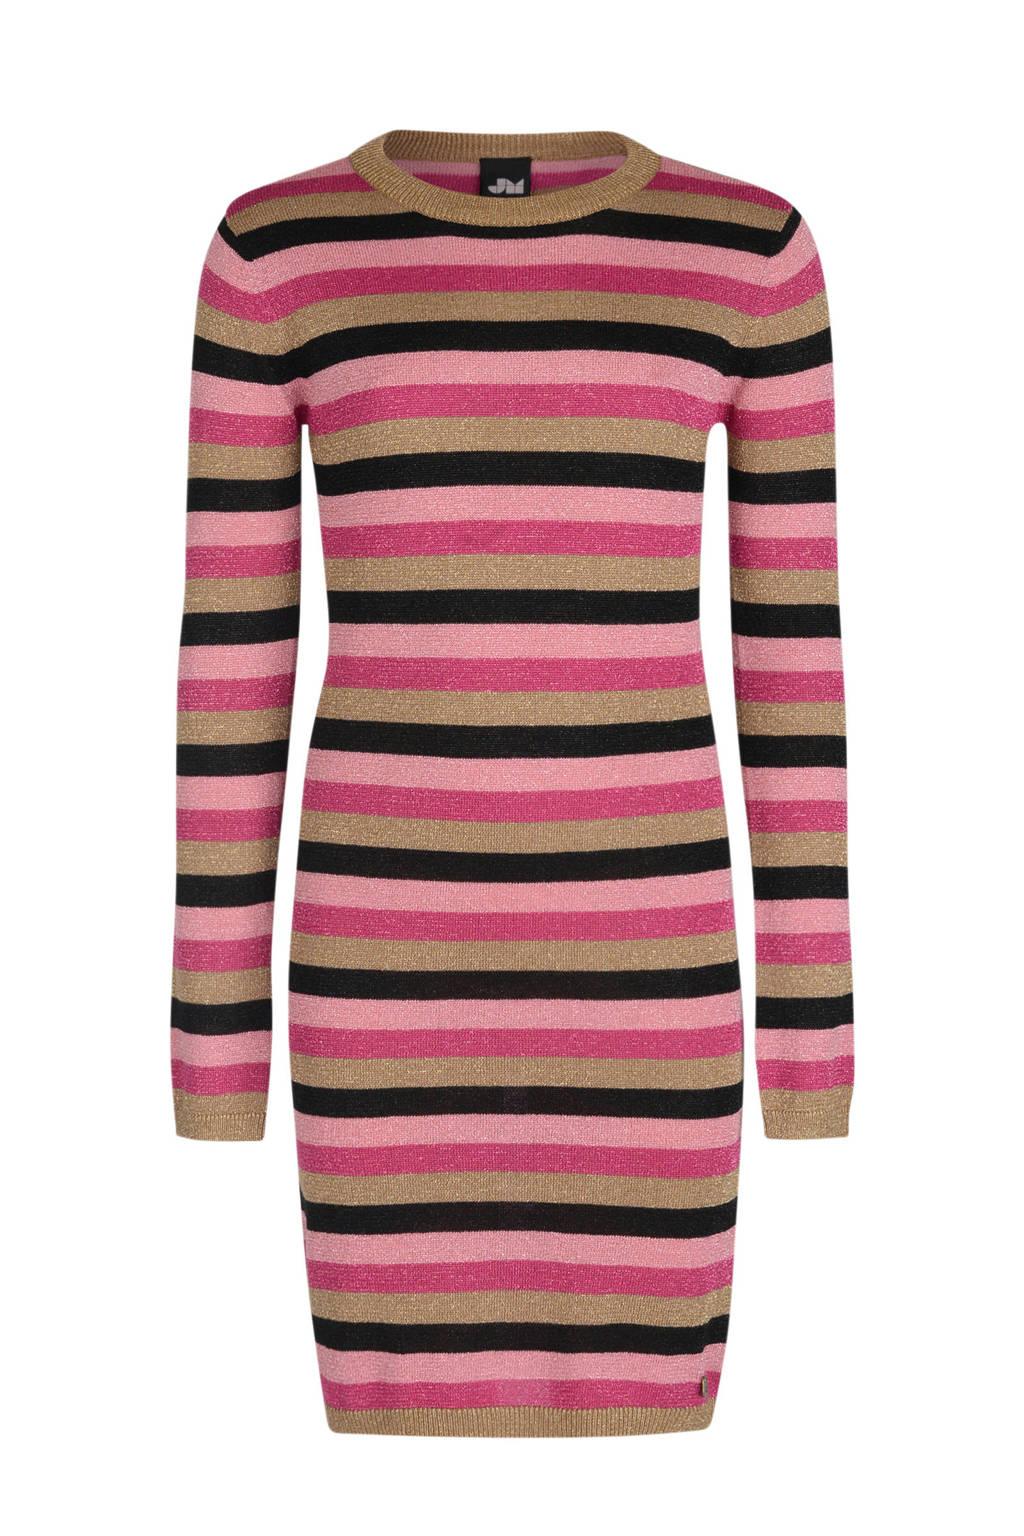 Jill & Mitch by Shoeby gestreepte jurk Marly roze/zwart, Roze/zwart